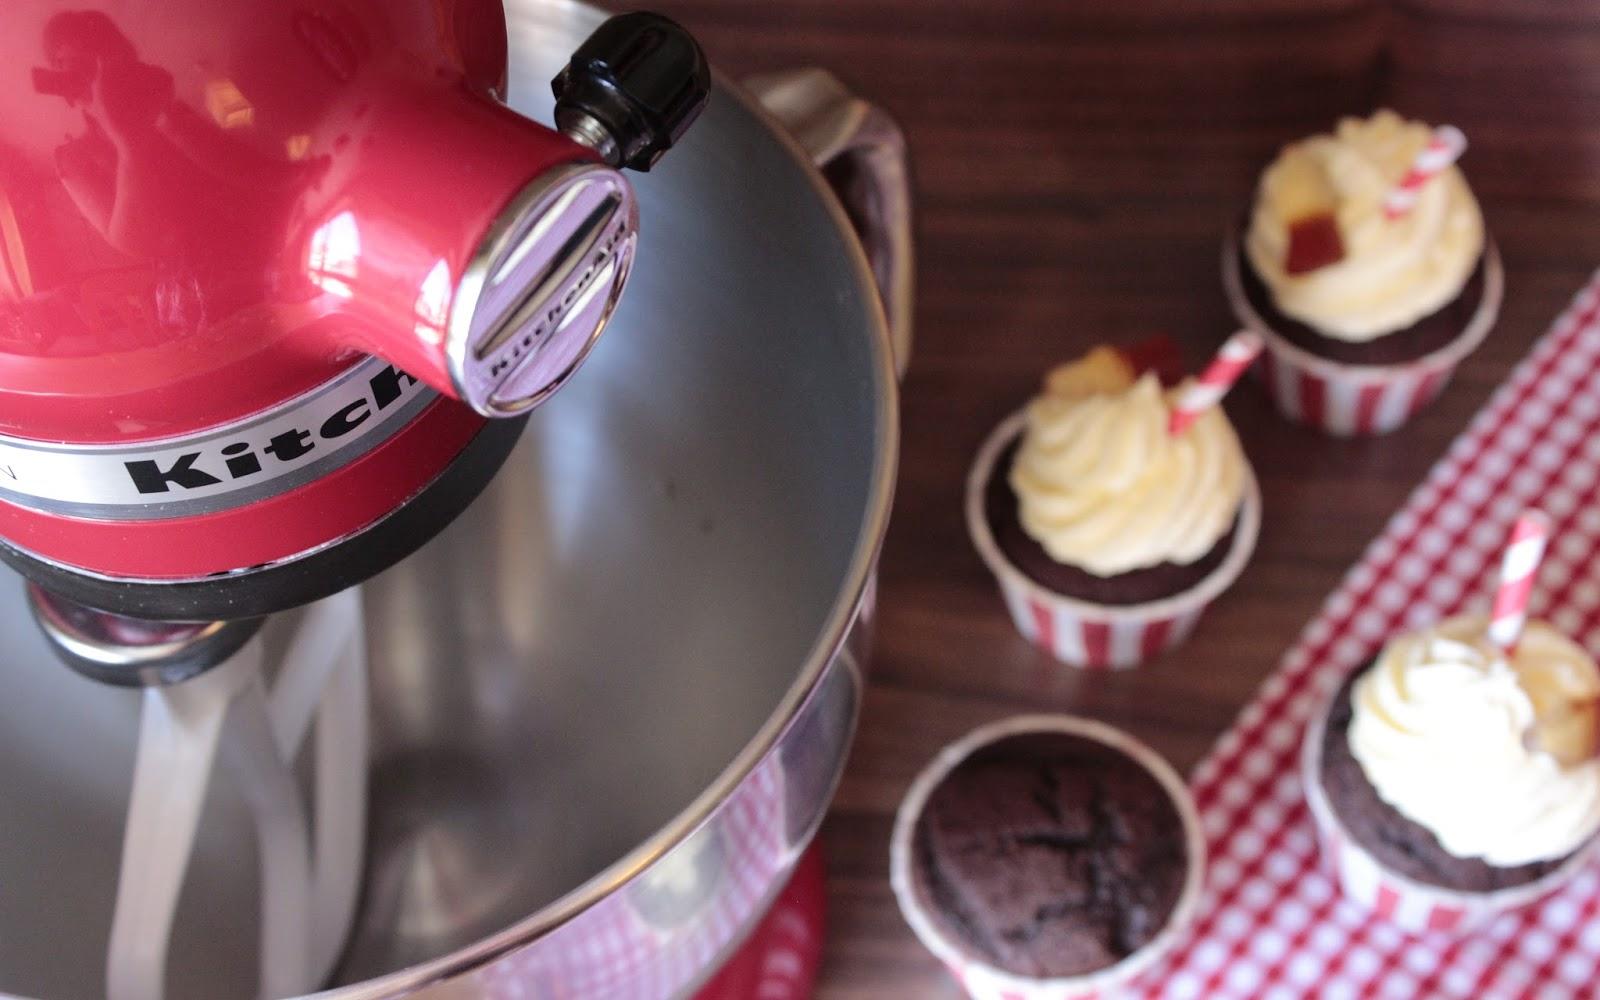 Miss Blueberrymuffin S Kitchen Cola Cupcakes Und Mein Neues Kuchengluck